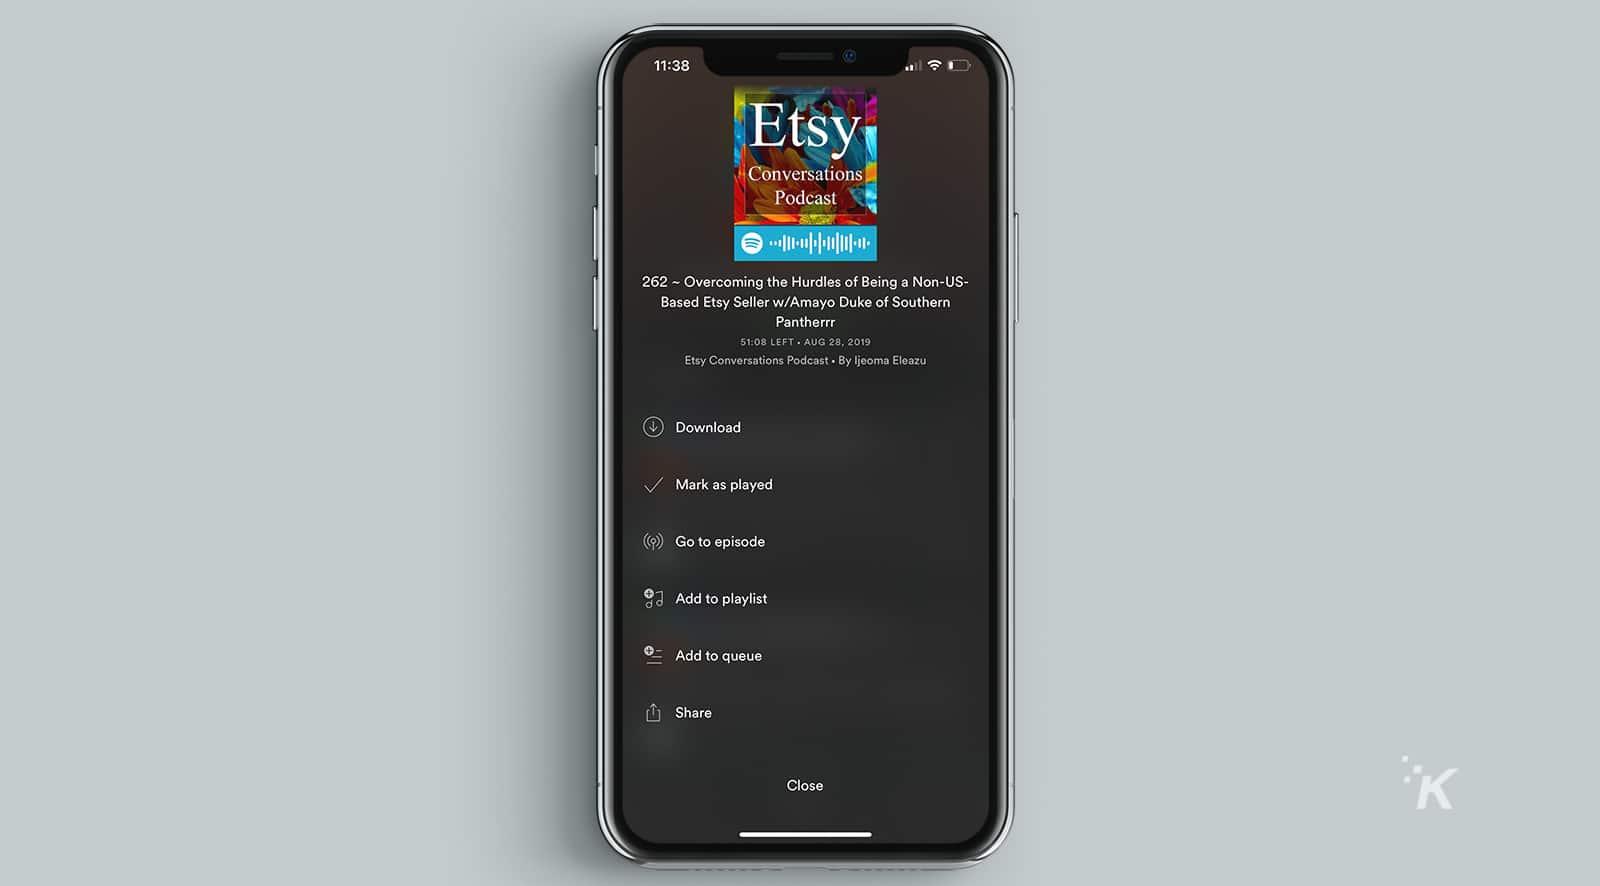 spotify podcasts on playlists